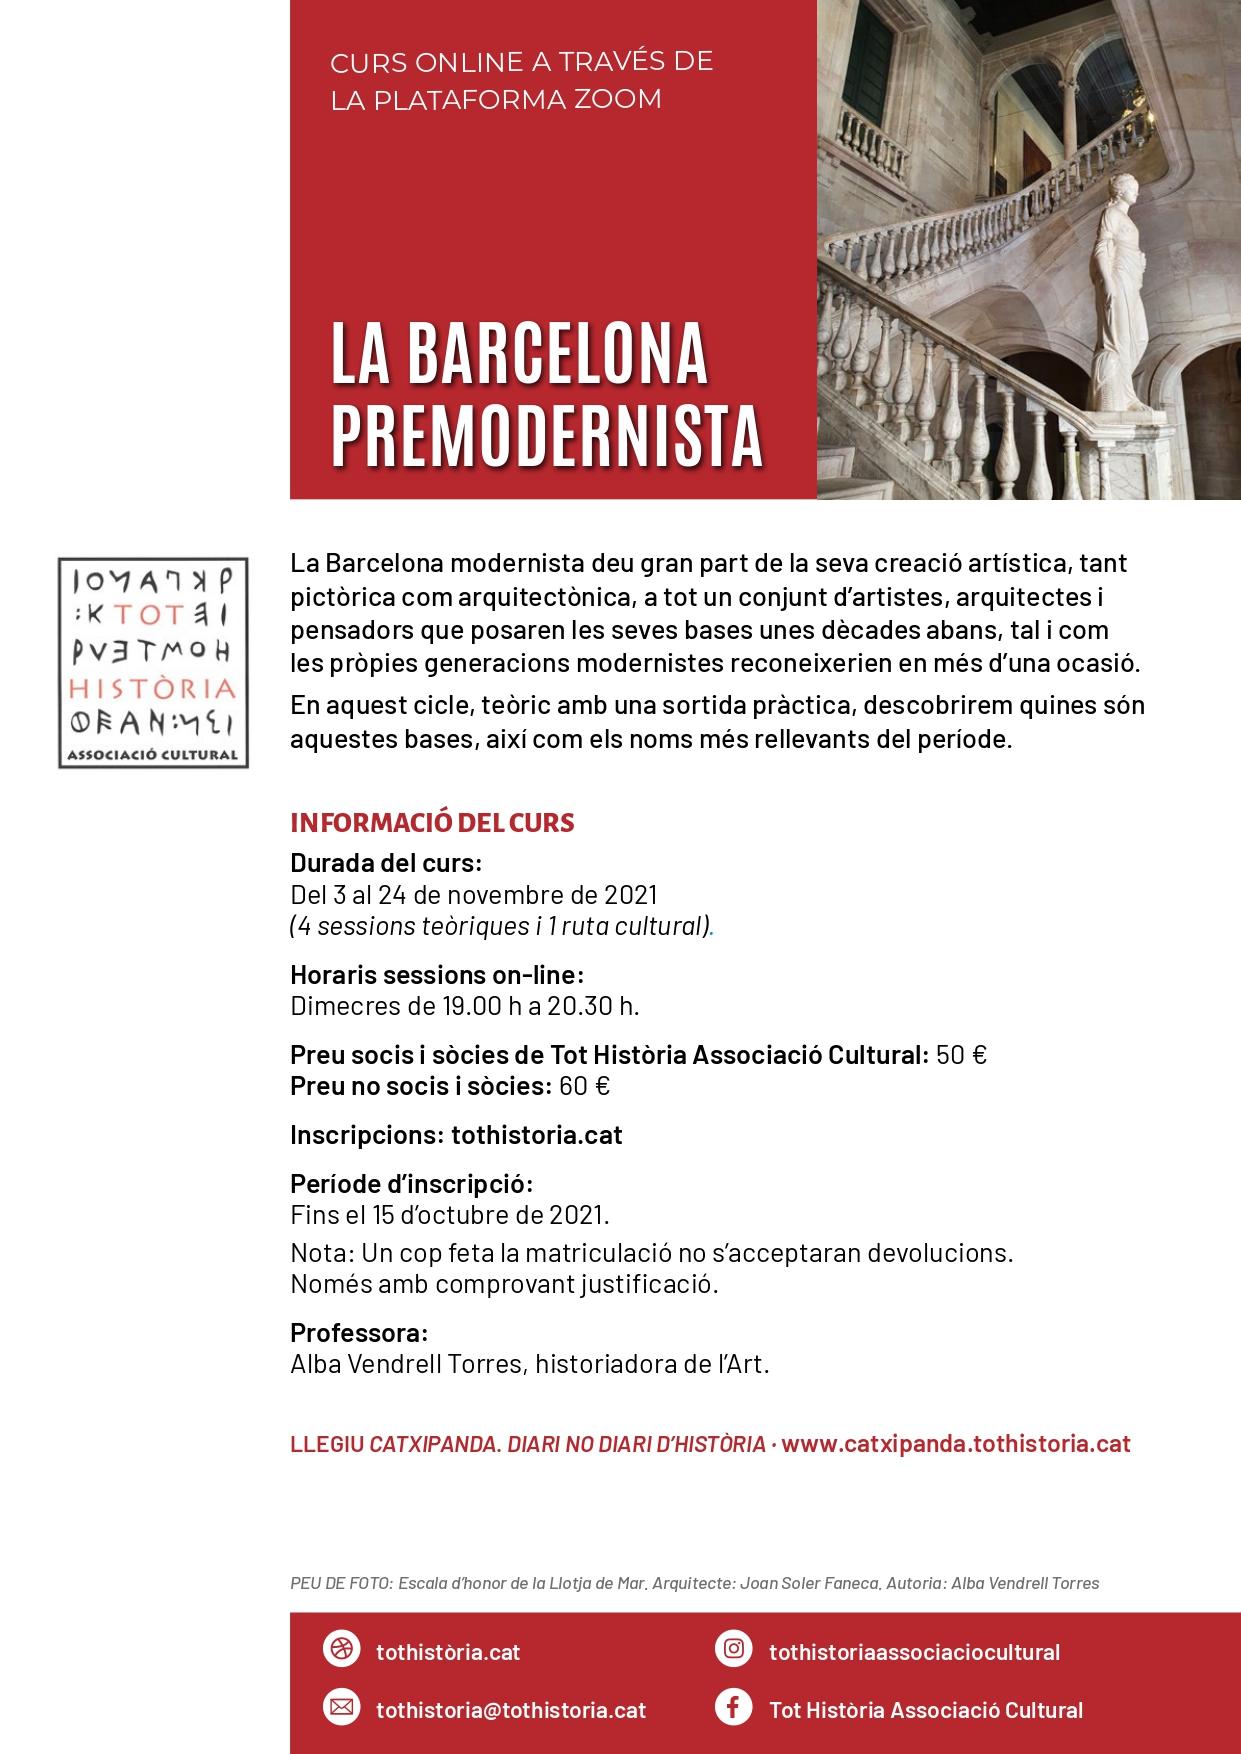 03_curs_BARCELONA PREMODERNISTA_01